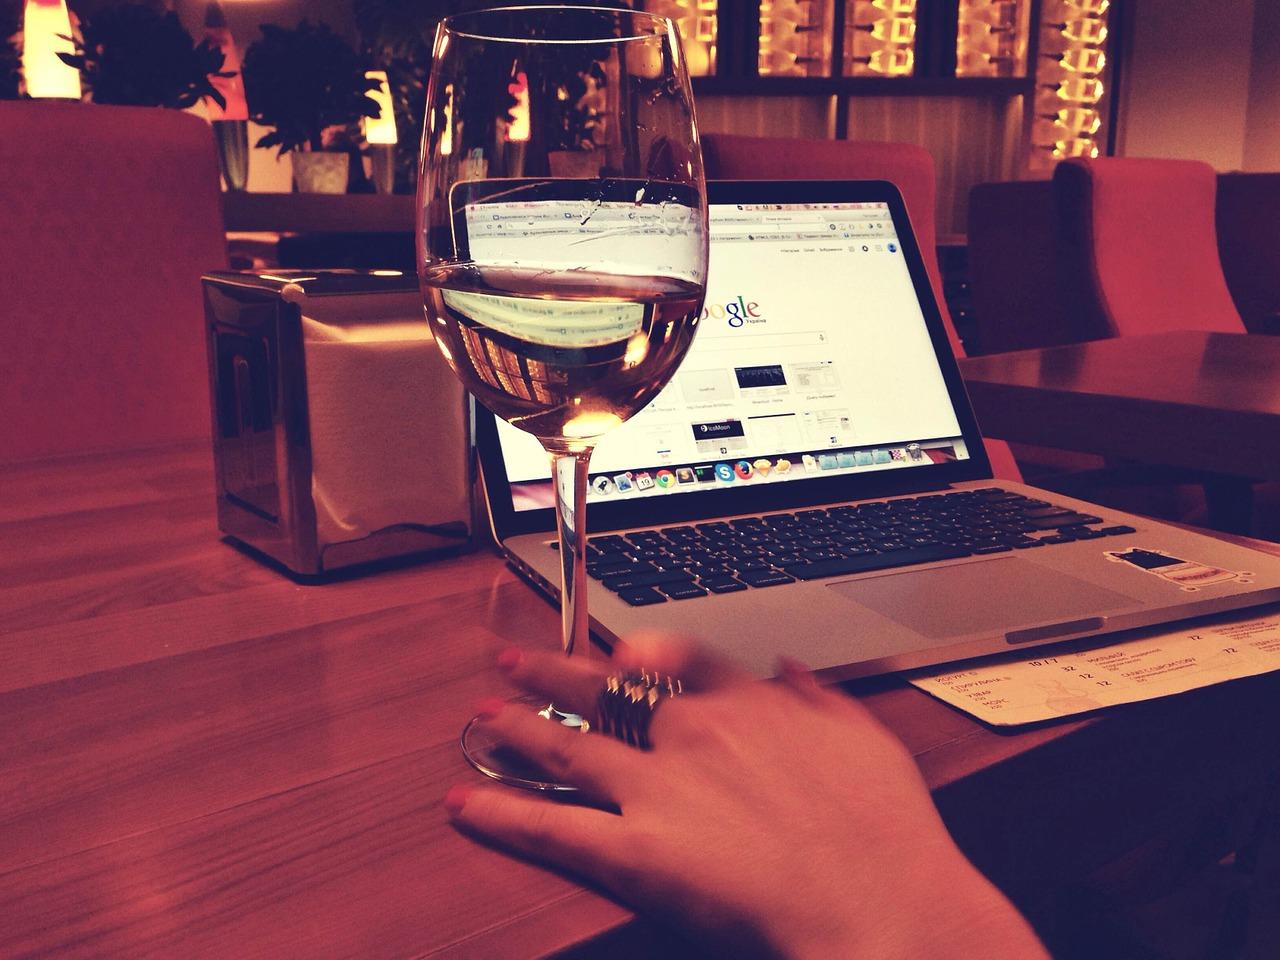 macbook-925914_1280